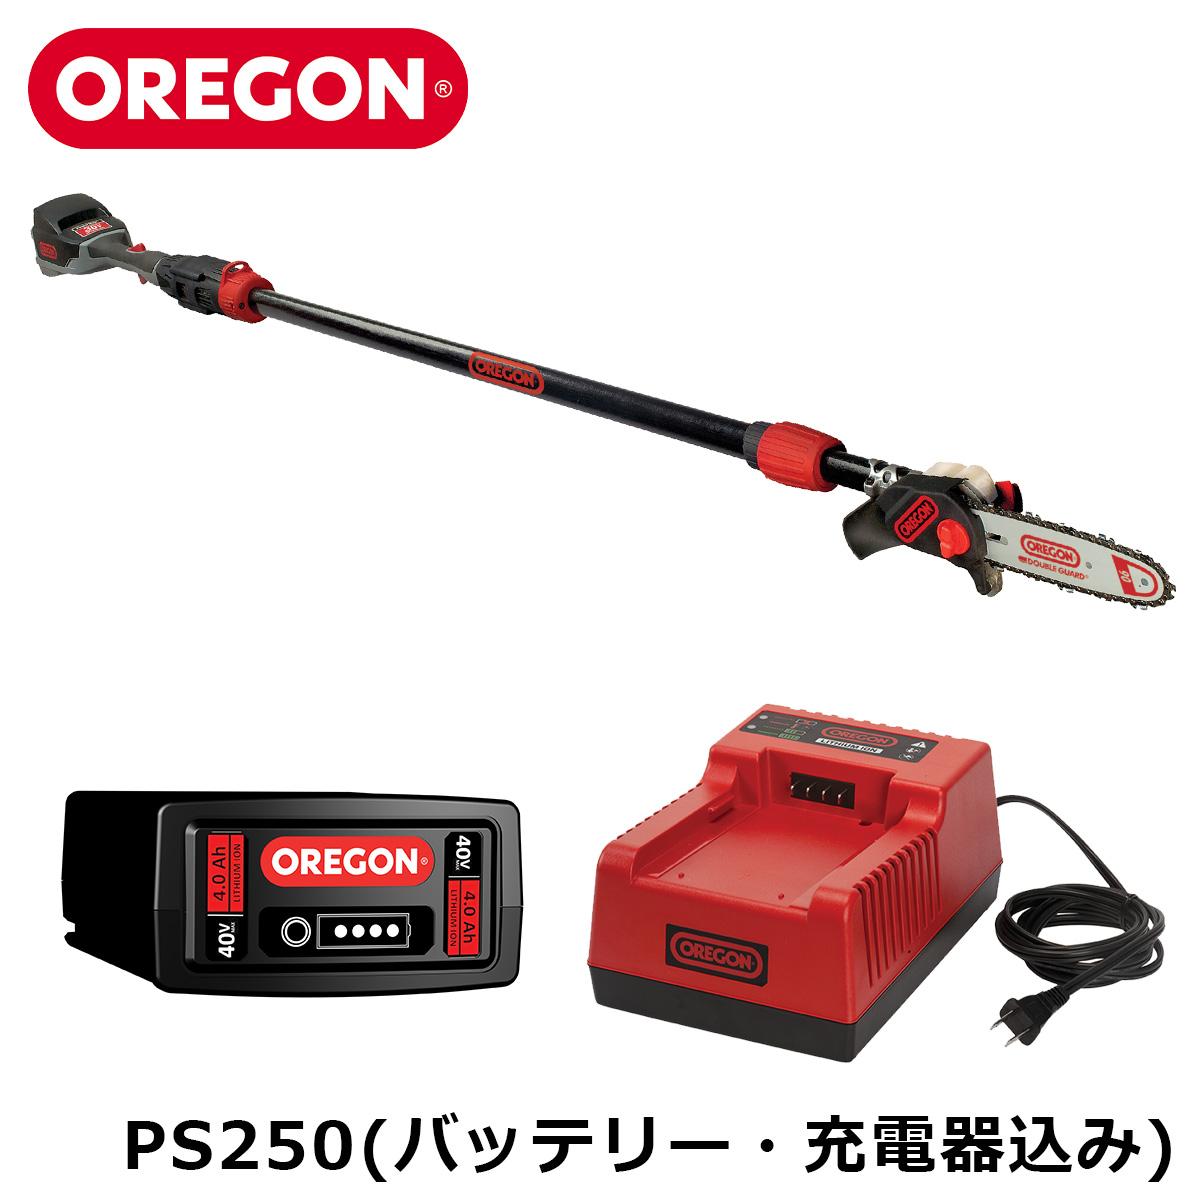 OREGON PS250-A7 CTS 電動ポールソー 高枝チェンソー バッテリー式 コードレス 高性能 オレゴン【バッテリー、充電器込み】